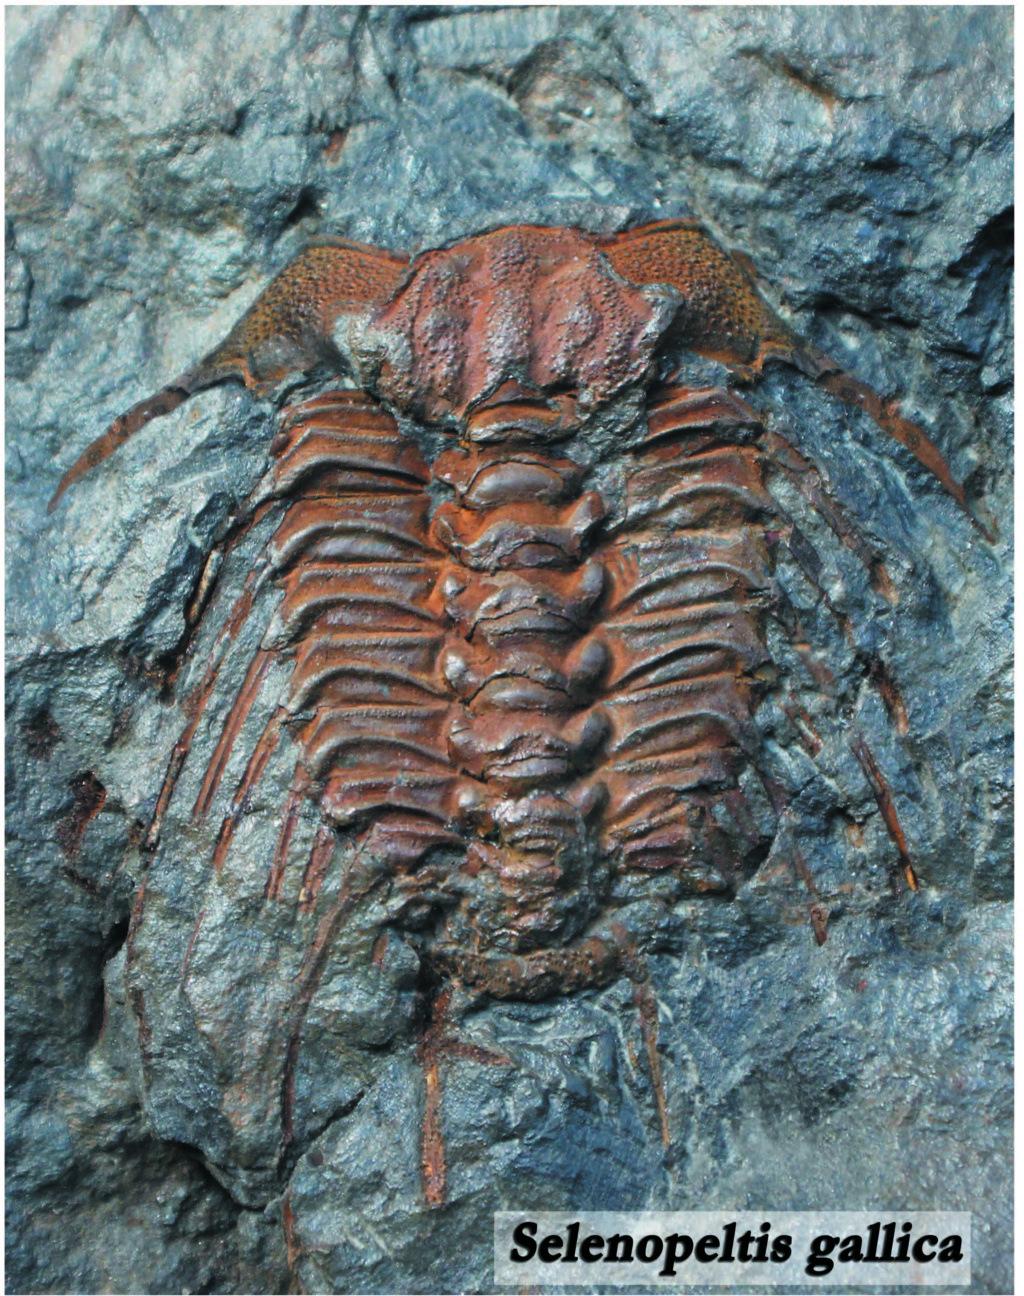 SEGUNDA EDICIÓN -  Guía de Trilobites del Ordovícico Medio de Castilla-La Mancha y Extremadura Fondos13